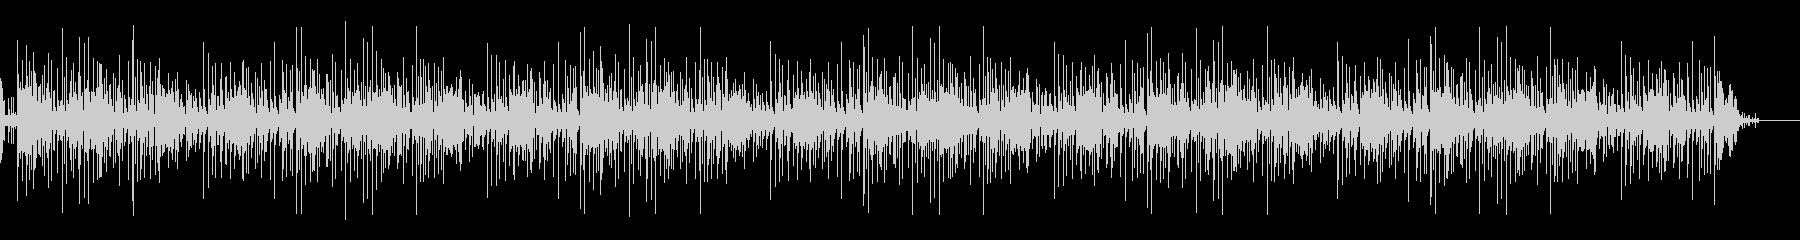 スチールドラムの明るい曲の未再生の波形